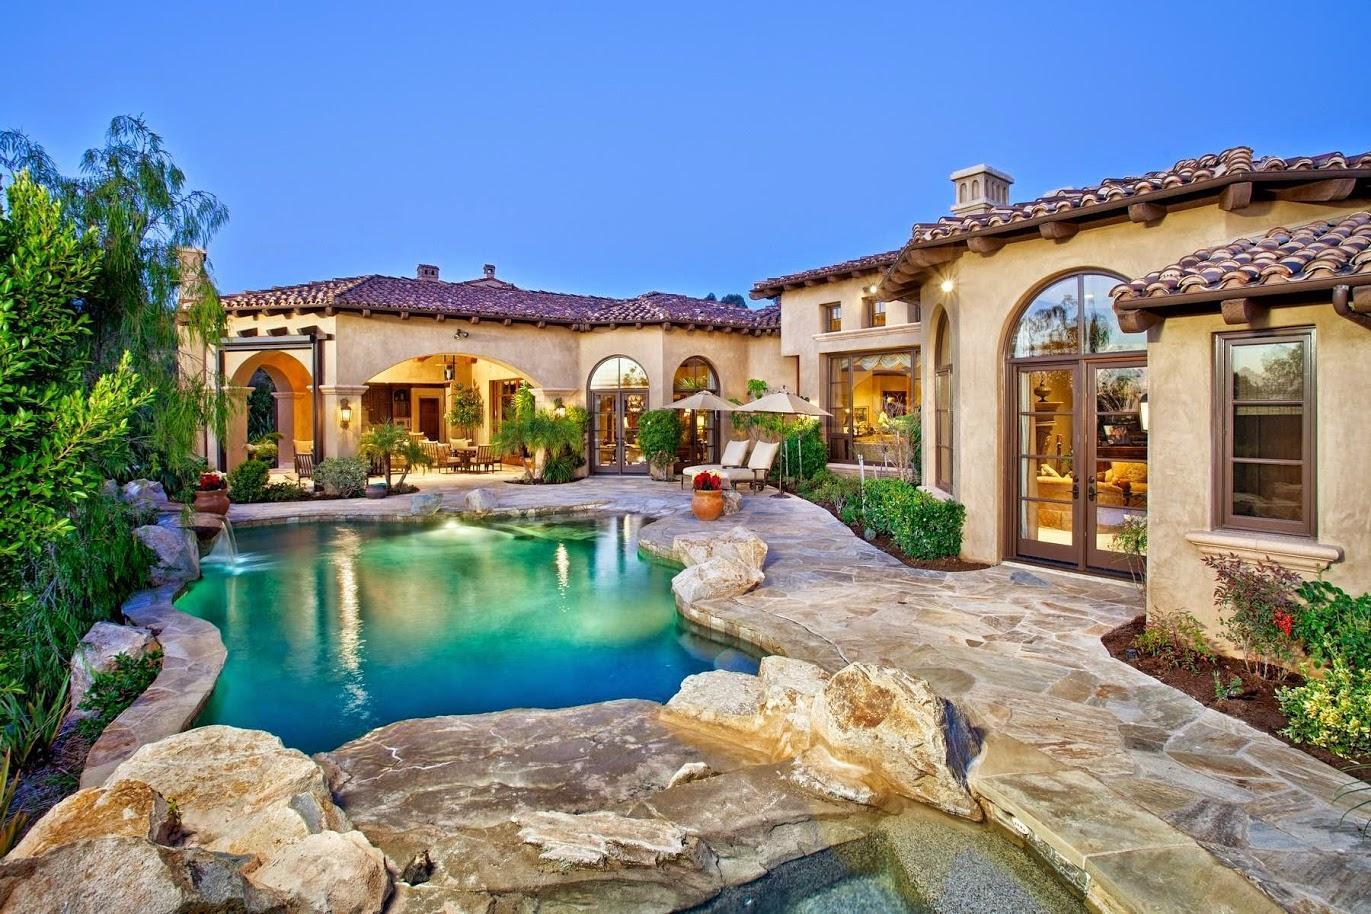 Warner Estates Homes for Sale in Tempe AZ